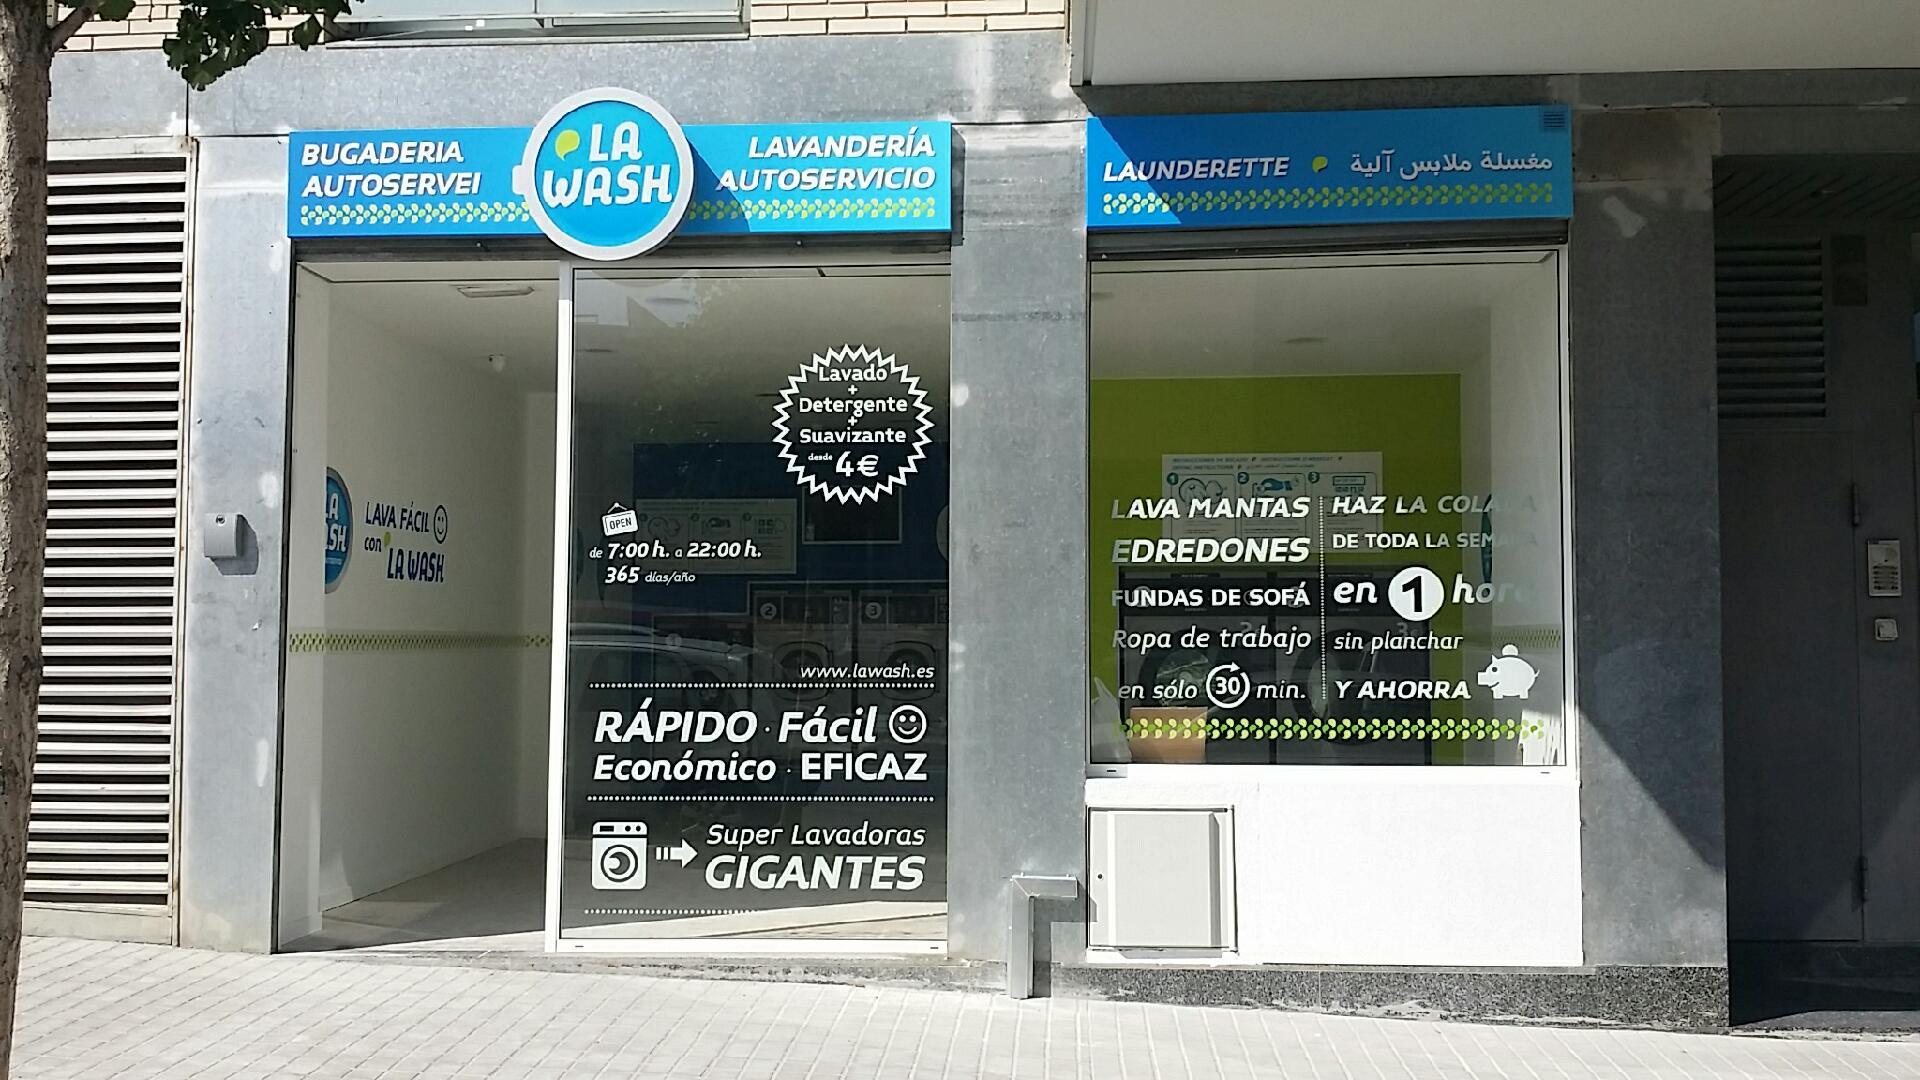 La Wash ha llegado a Sant Boi con una nueva lavandería autoservicio